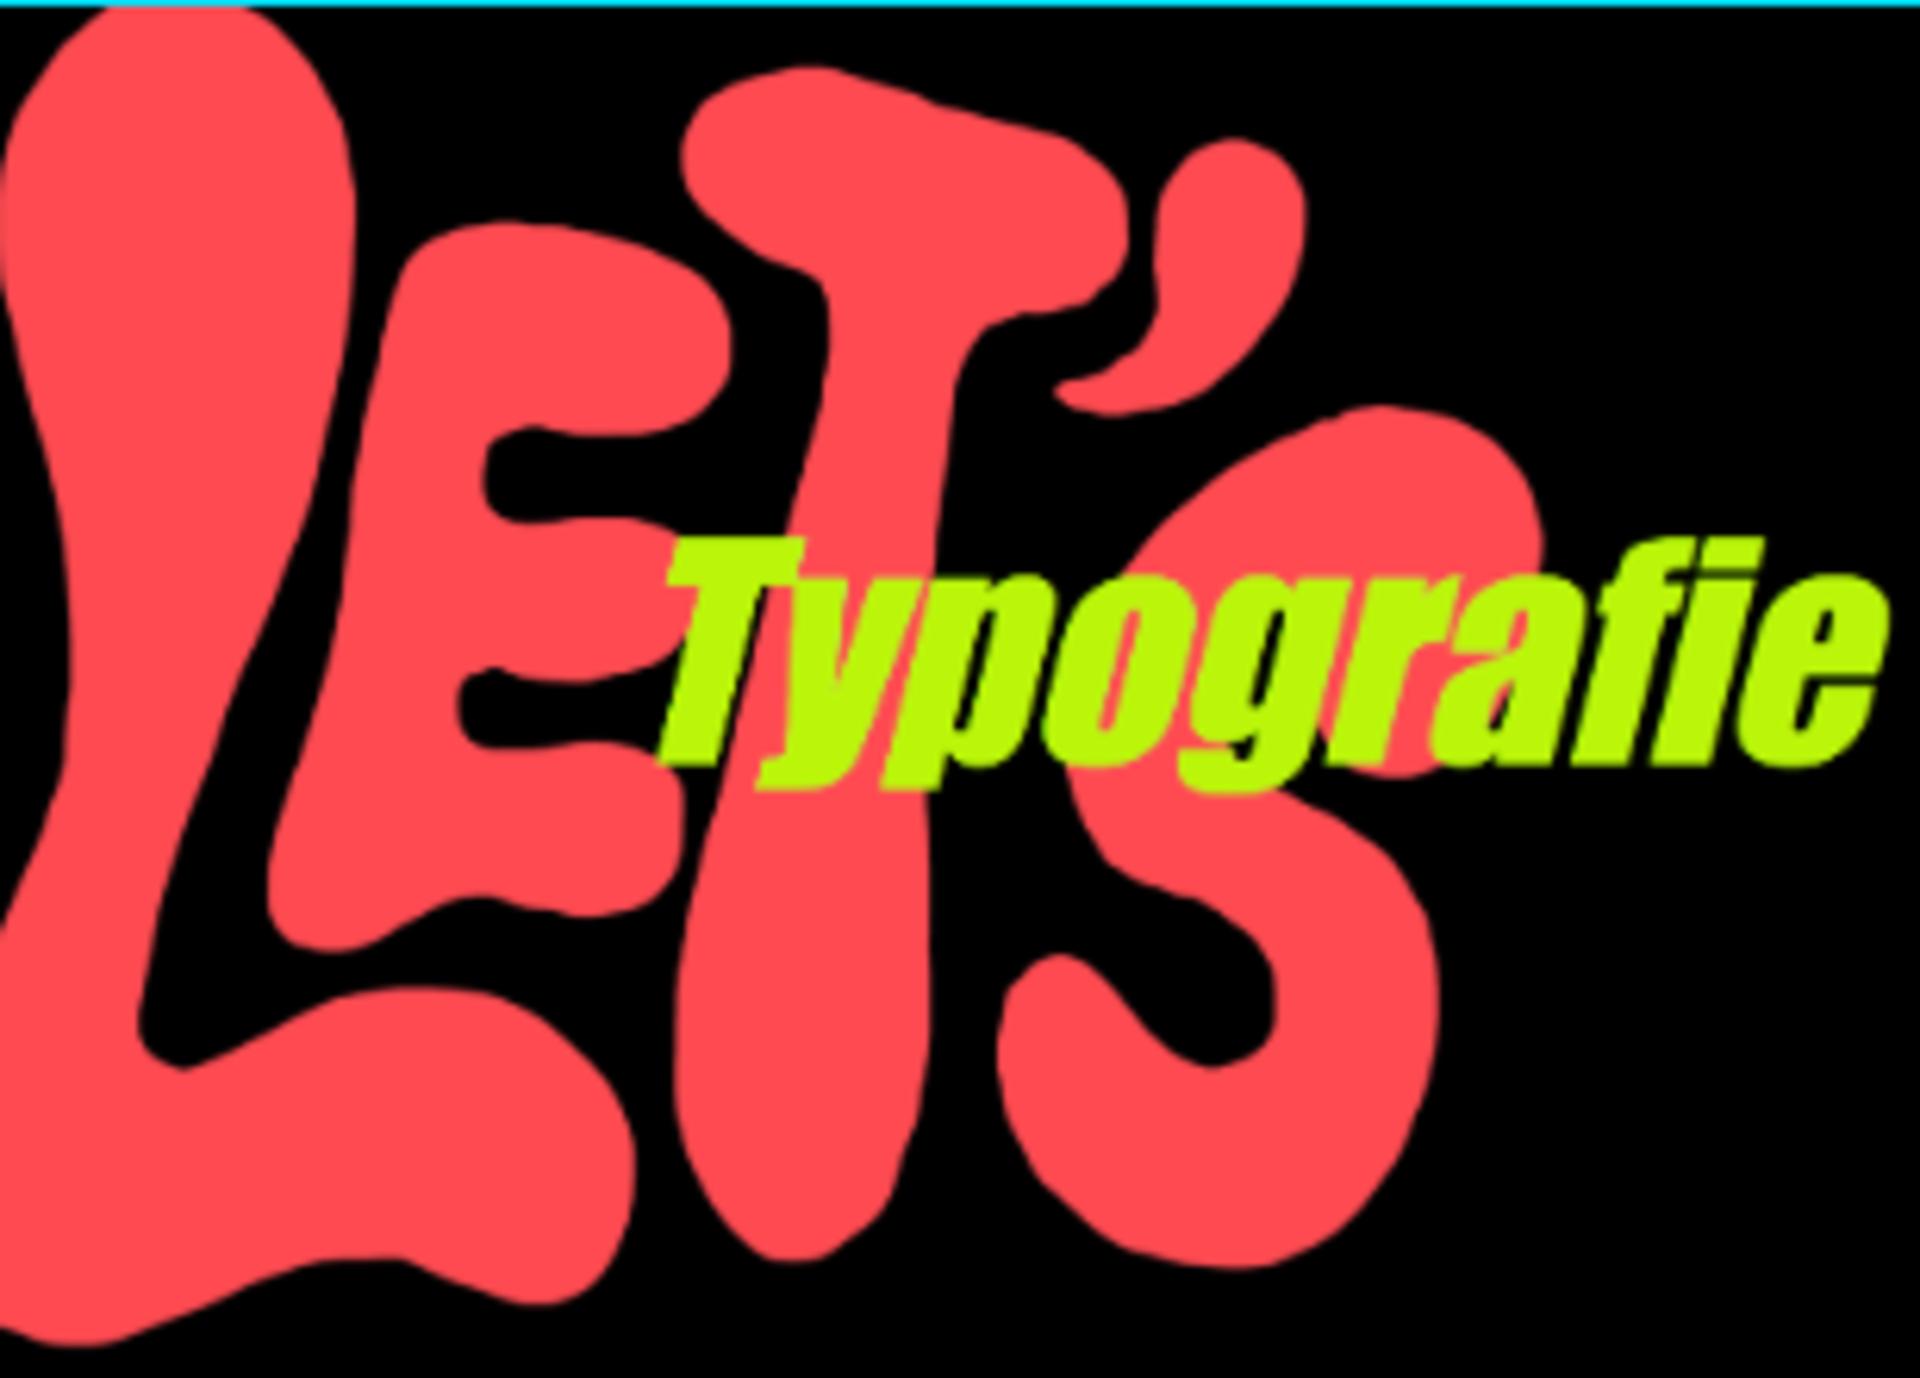 Les typografie